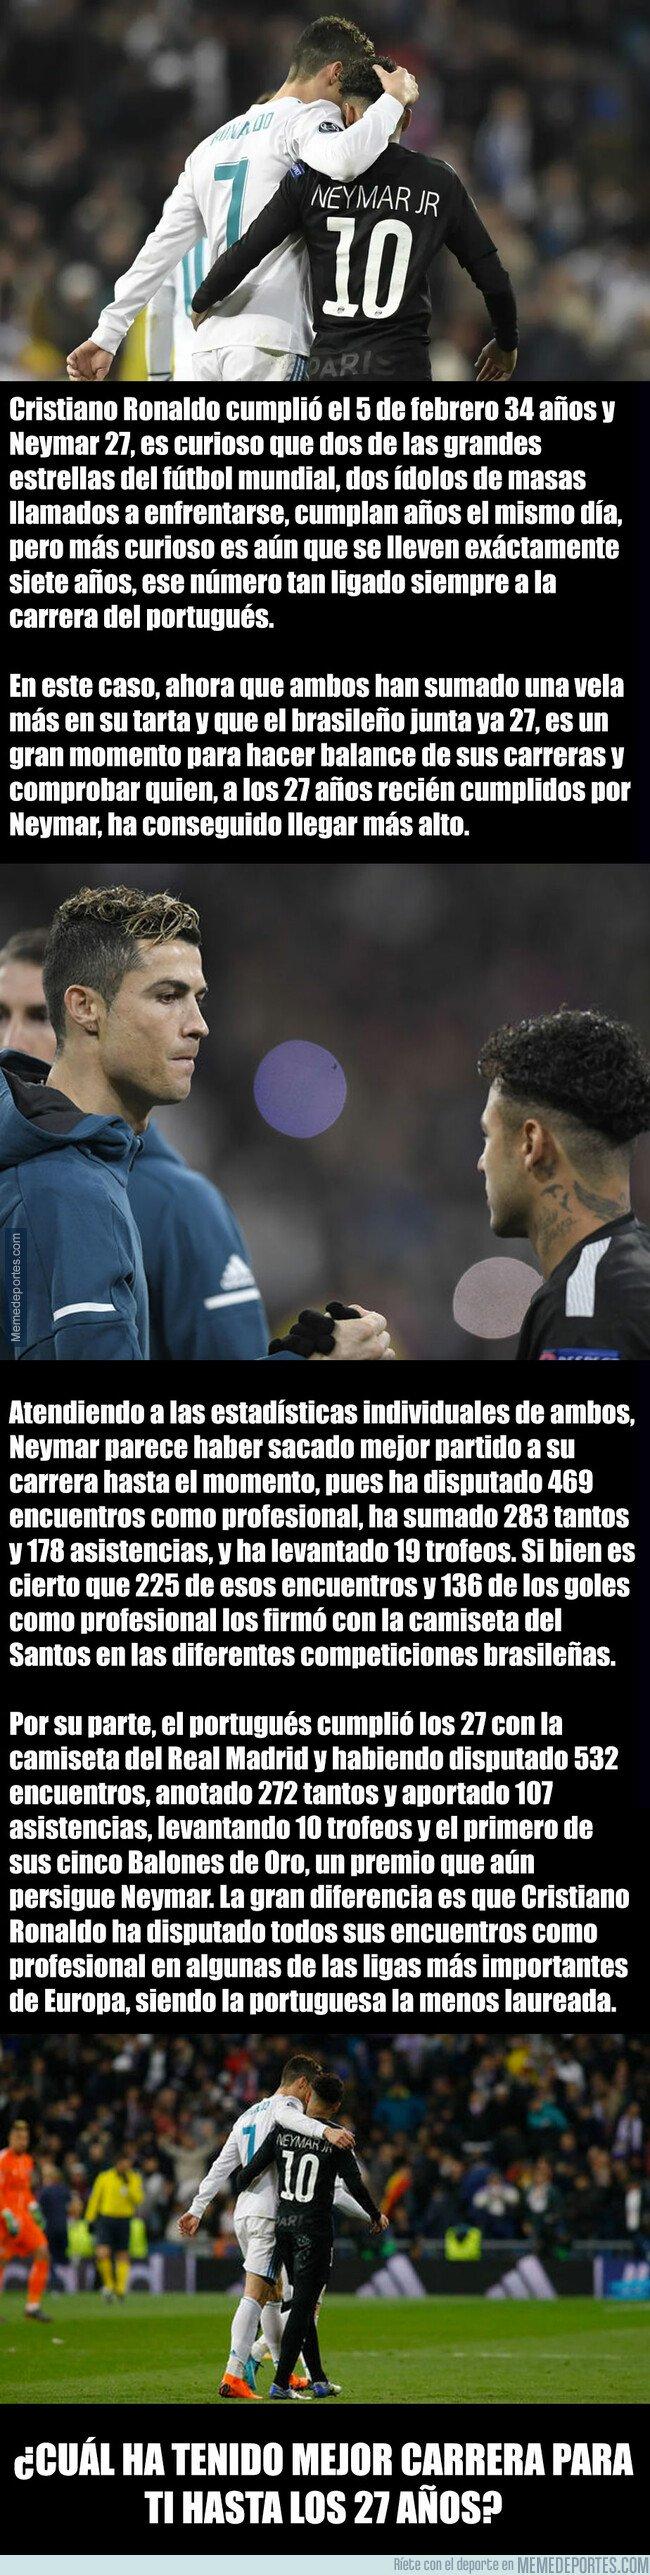 1063723 - La comparativa entre Cristiano Ronaldo y Neymar a los 27 años